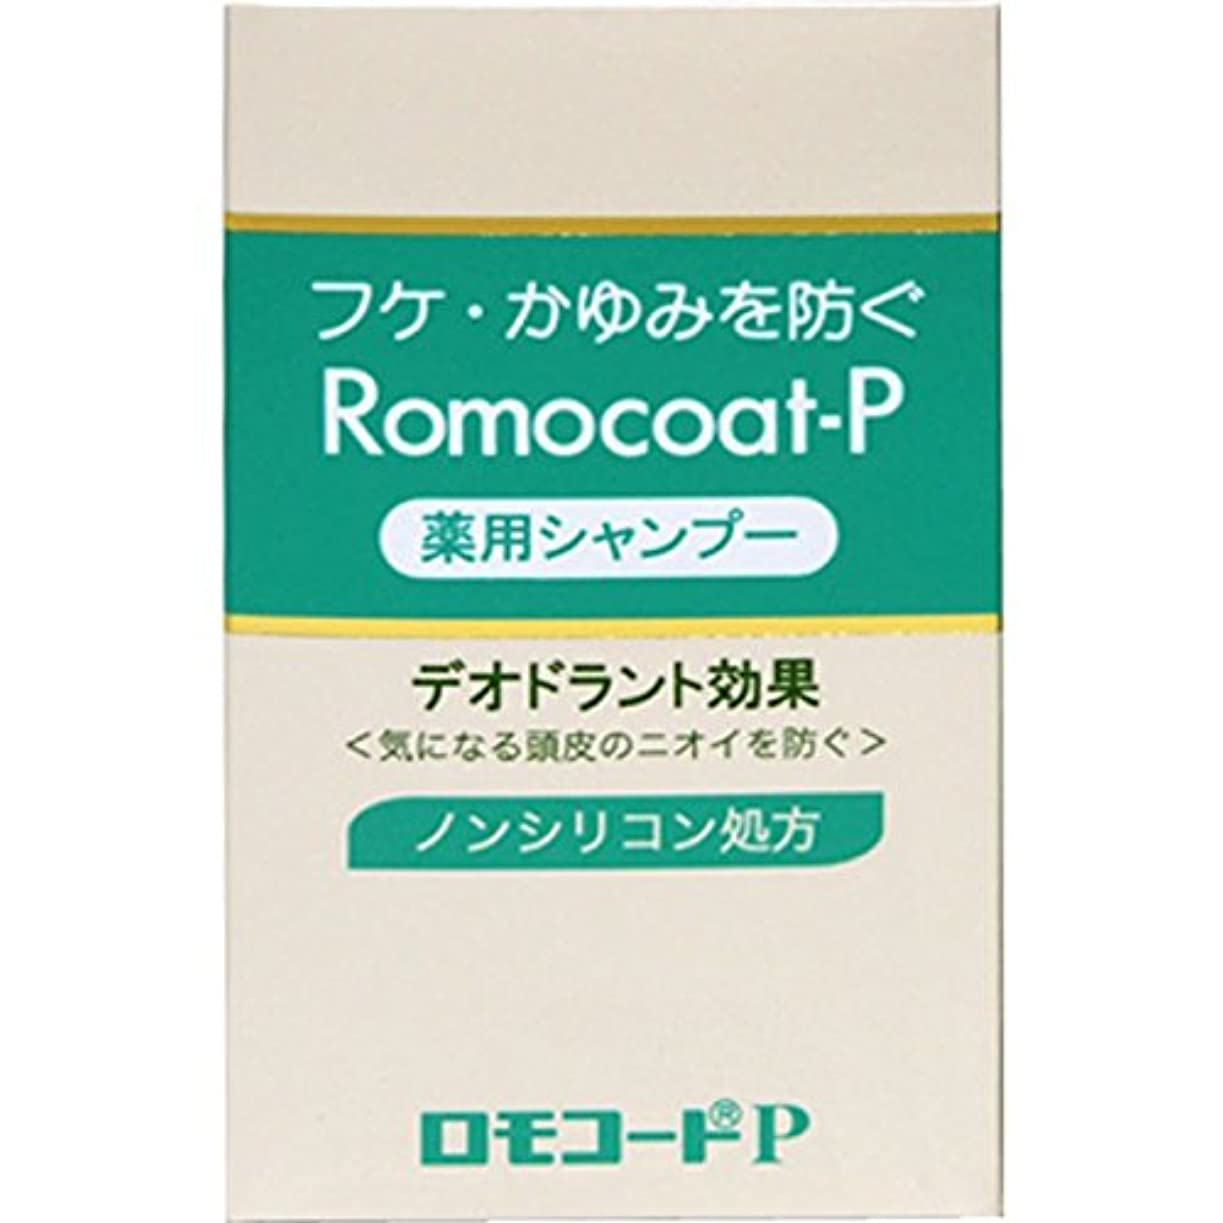 クラッシュ写真の反射全薬工業 ロモコートP 180ml (医薬部外品)